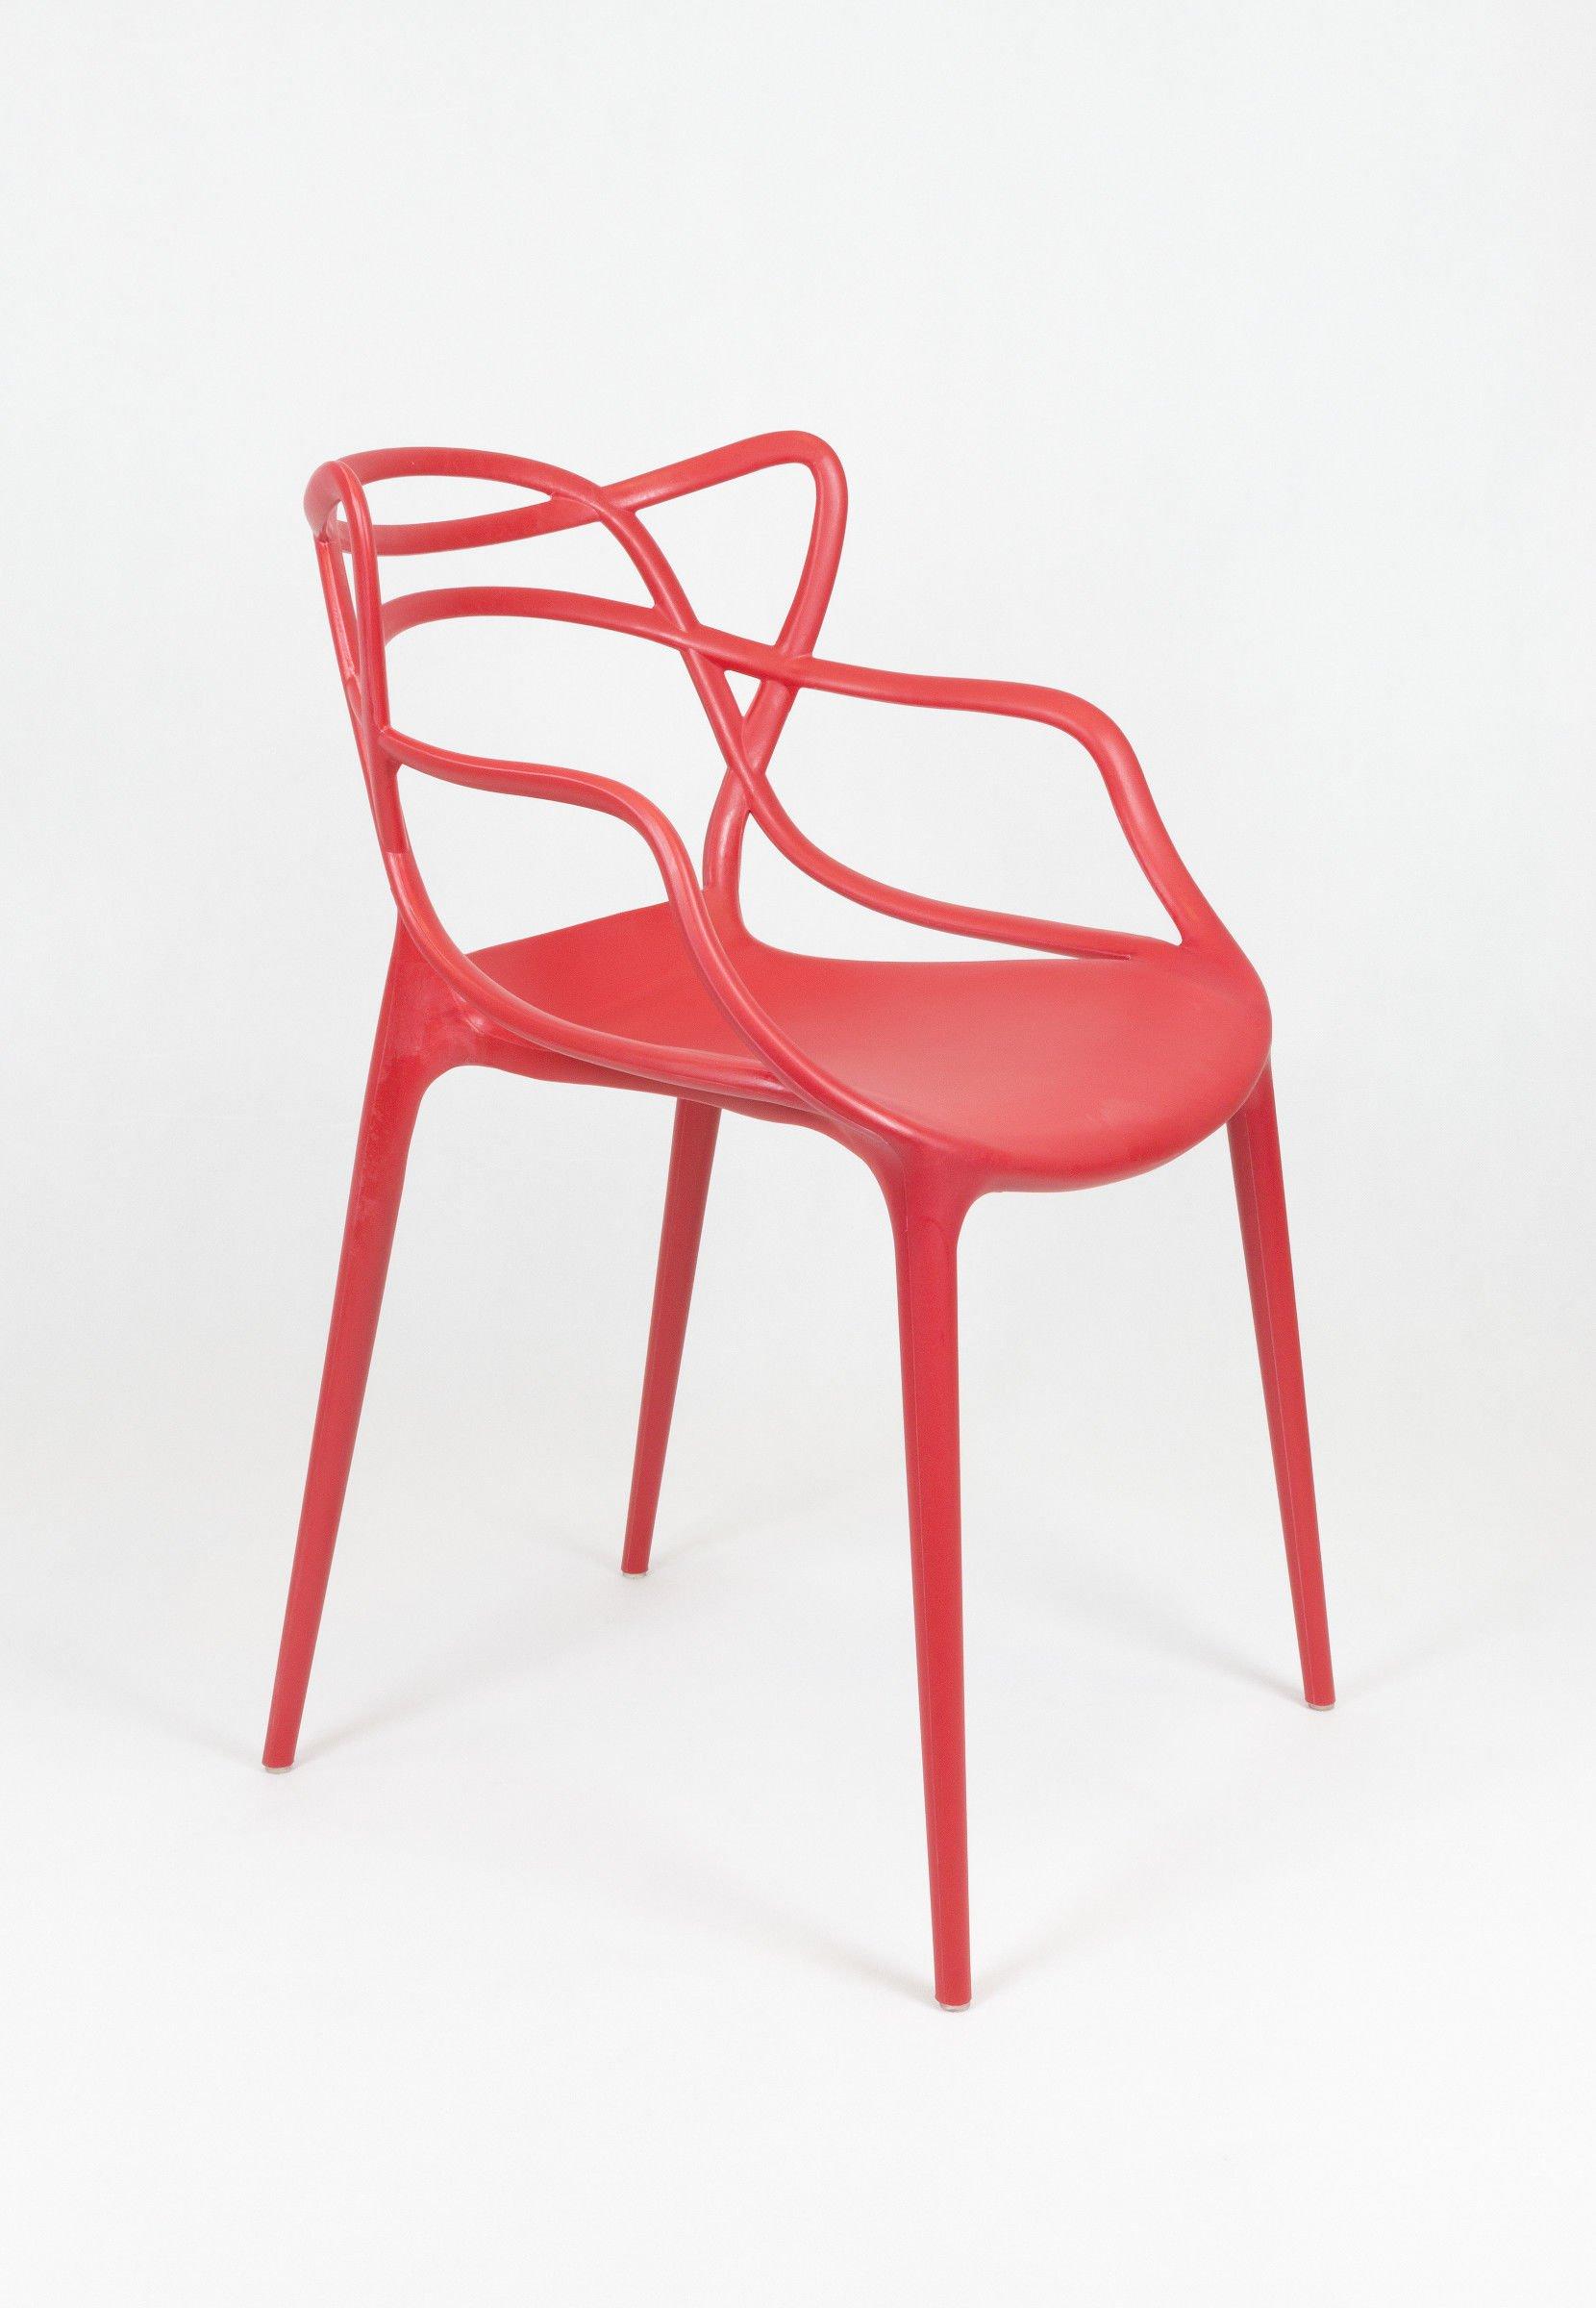 Sk design kr013 rot stuhl rot sonderangebote angebot for Design stuhl rot